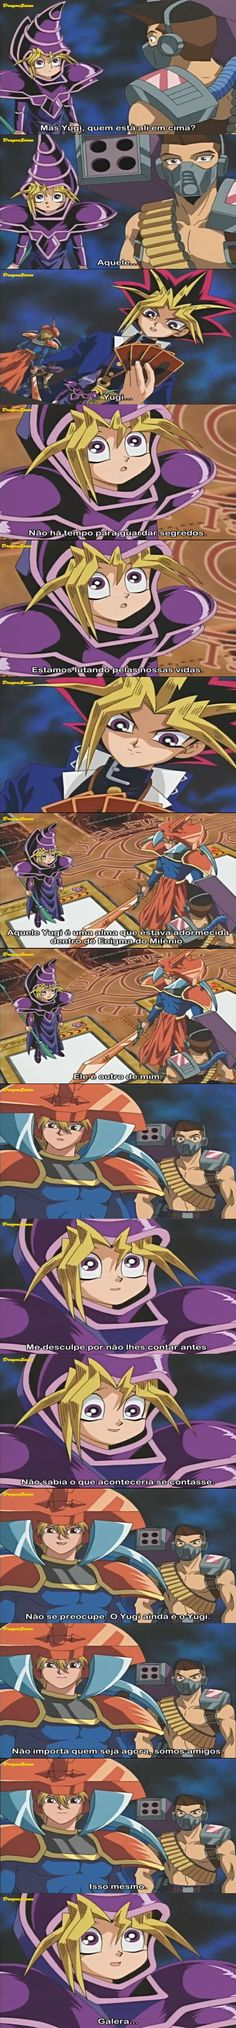 """Diálogo original na versão japonesa de Yu-Gi-Oh! Episódio 13  – A Armadilha do Pote de Metanol, quando, em meio ao 1º duelo contra Yami Bakura/Dark Bakura, os amigos de Yugi descobrem que ele possui uma segunda personalidade-uma segunda alma: Yami Yugi. Na versão brasileira(pela 4Kids), o dialogo é diferente, como se fosse a primeira vez que Yugi percebe a existência do """"outro eu"""""""